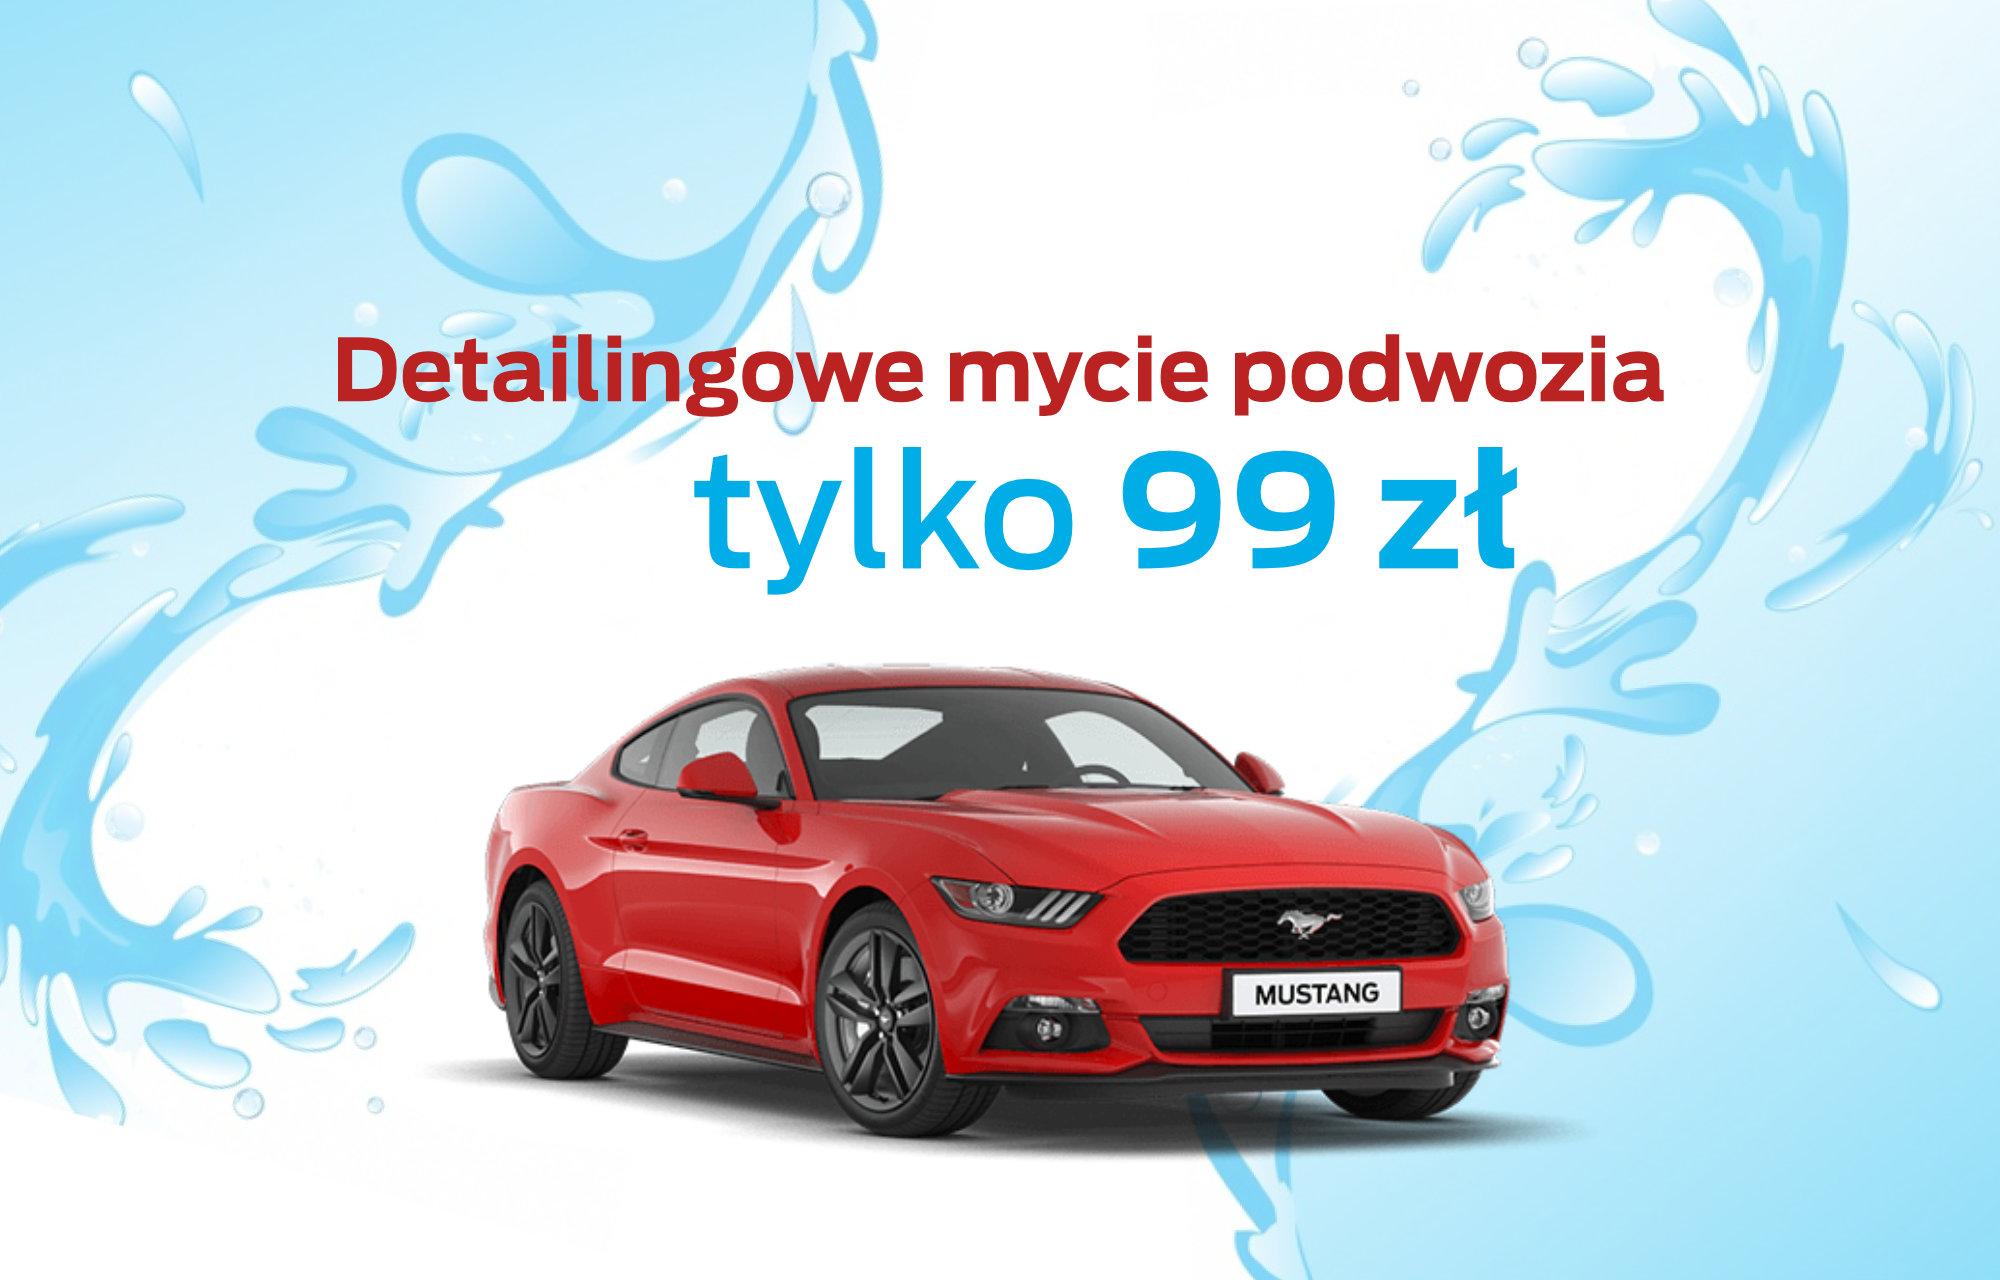 Auto Michałowski promocje